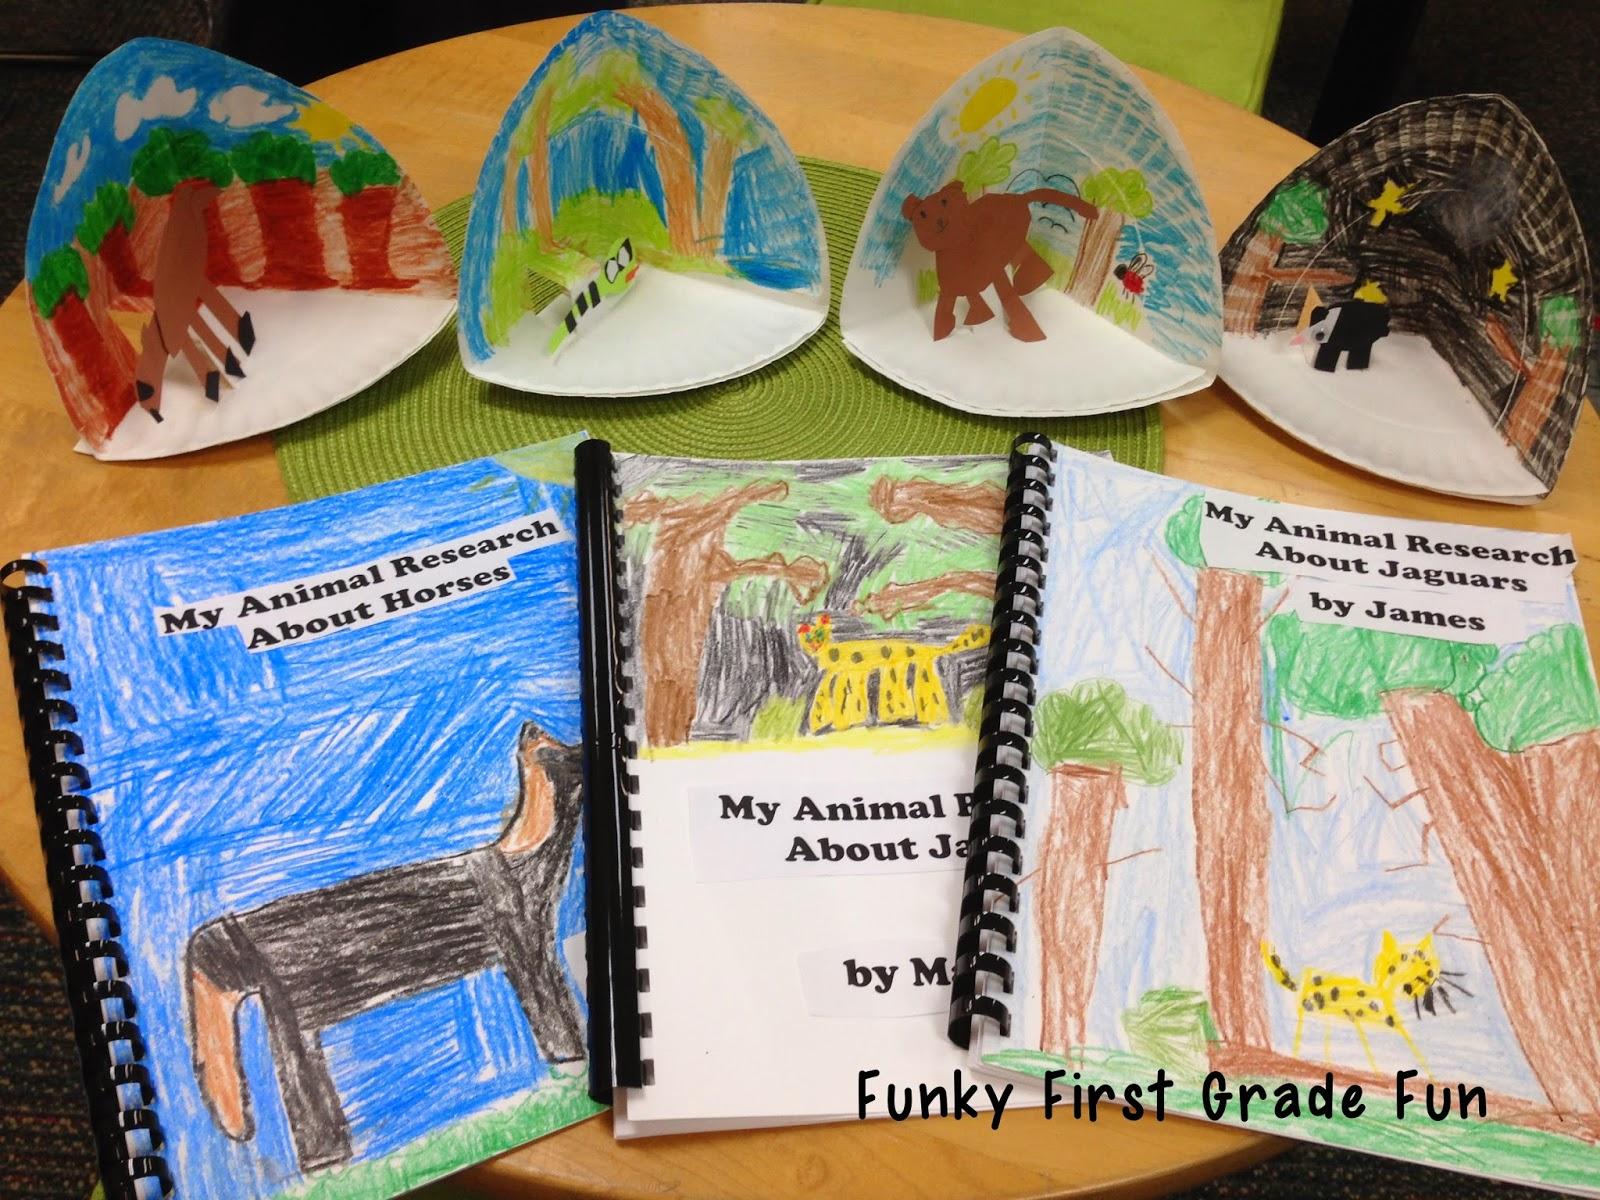 Funky First Grade Fun Zoohoo